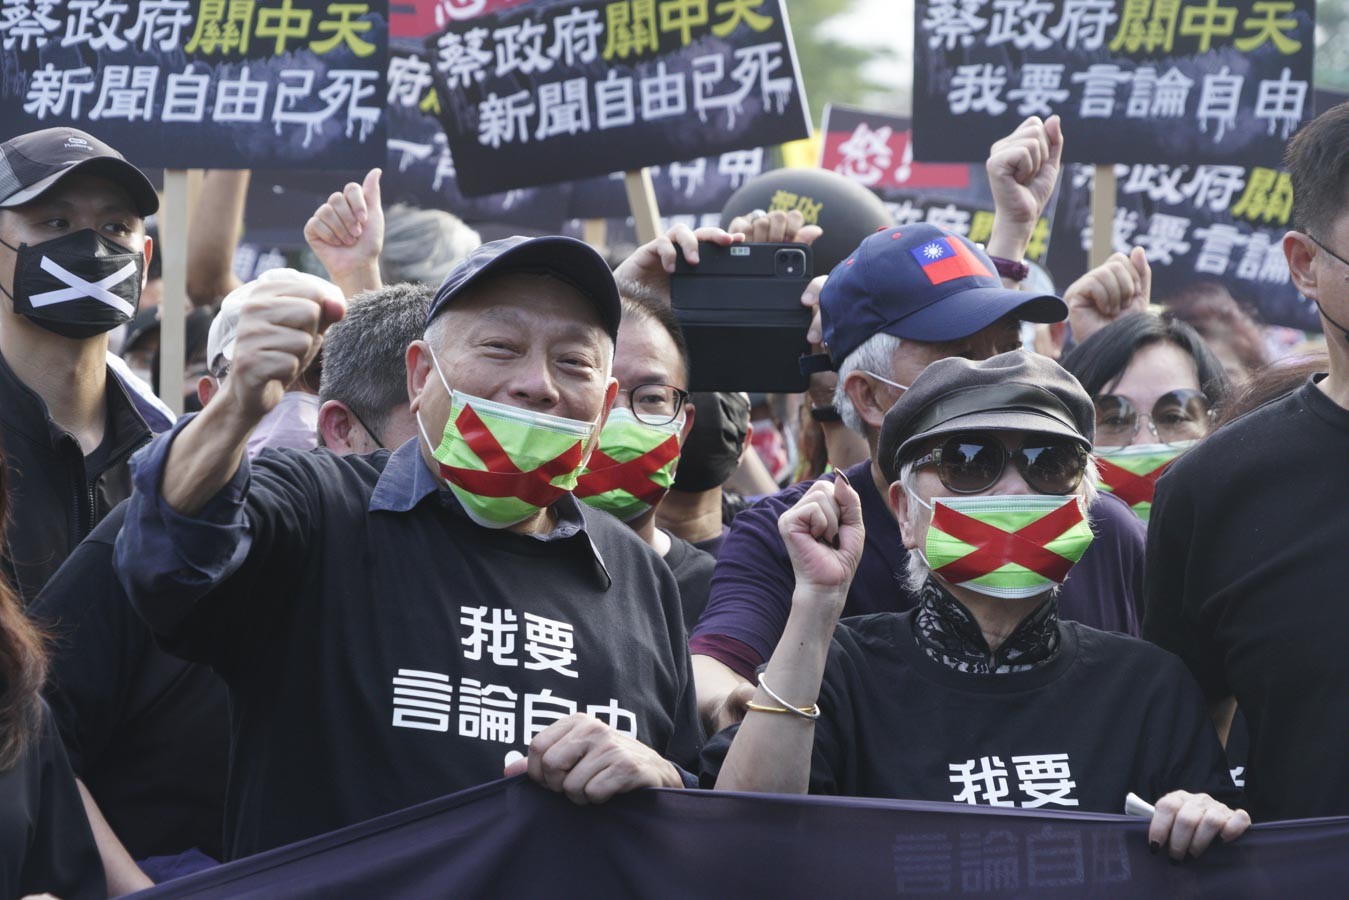 旺旺集團總裁蔡衍明與聯合報發行人王效蘭在秋鬥遊行現場同框,並高喊我要新聞自由等口號。圖:張良一/攝